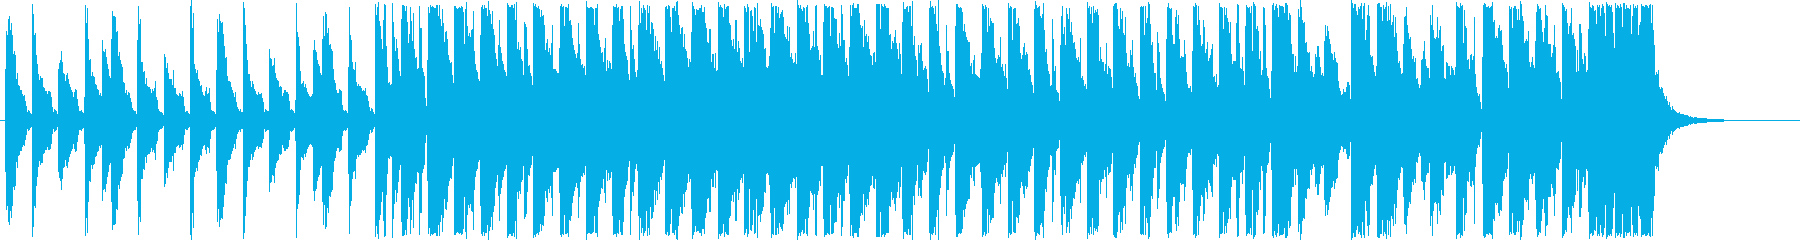 アップテンポの短めのシンセサイザーの曲の再生済みの波形